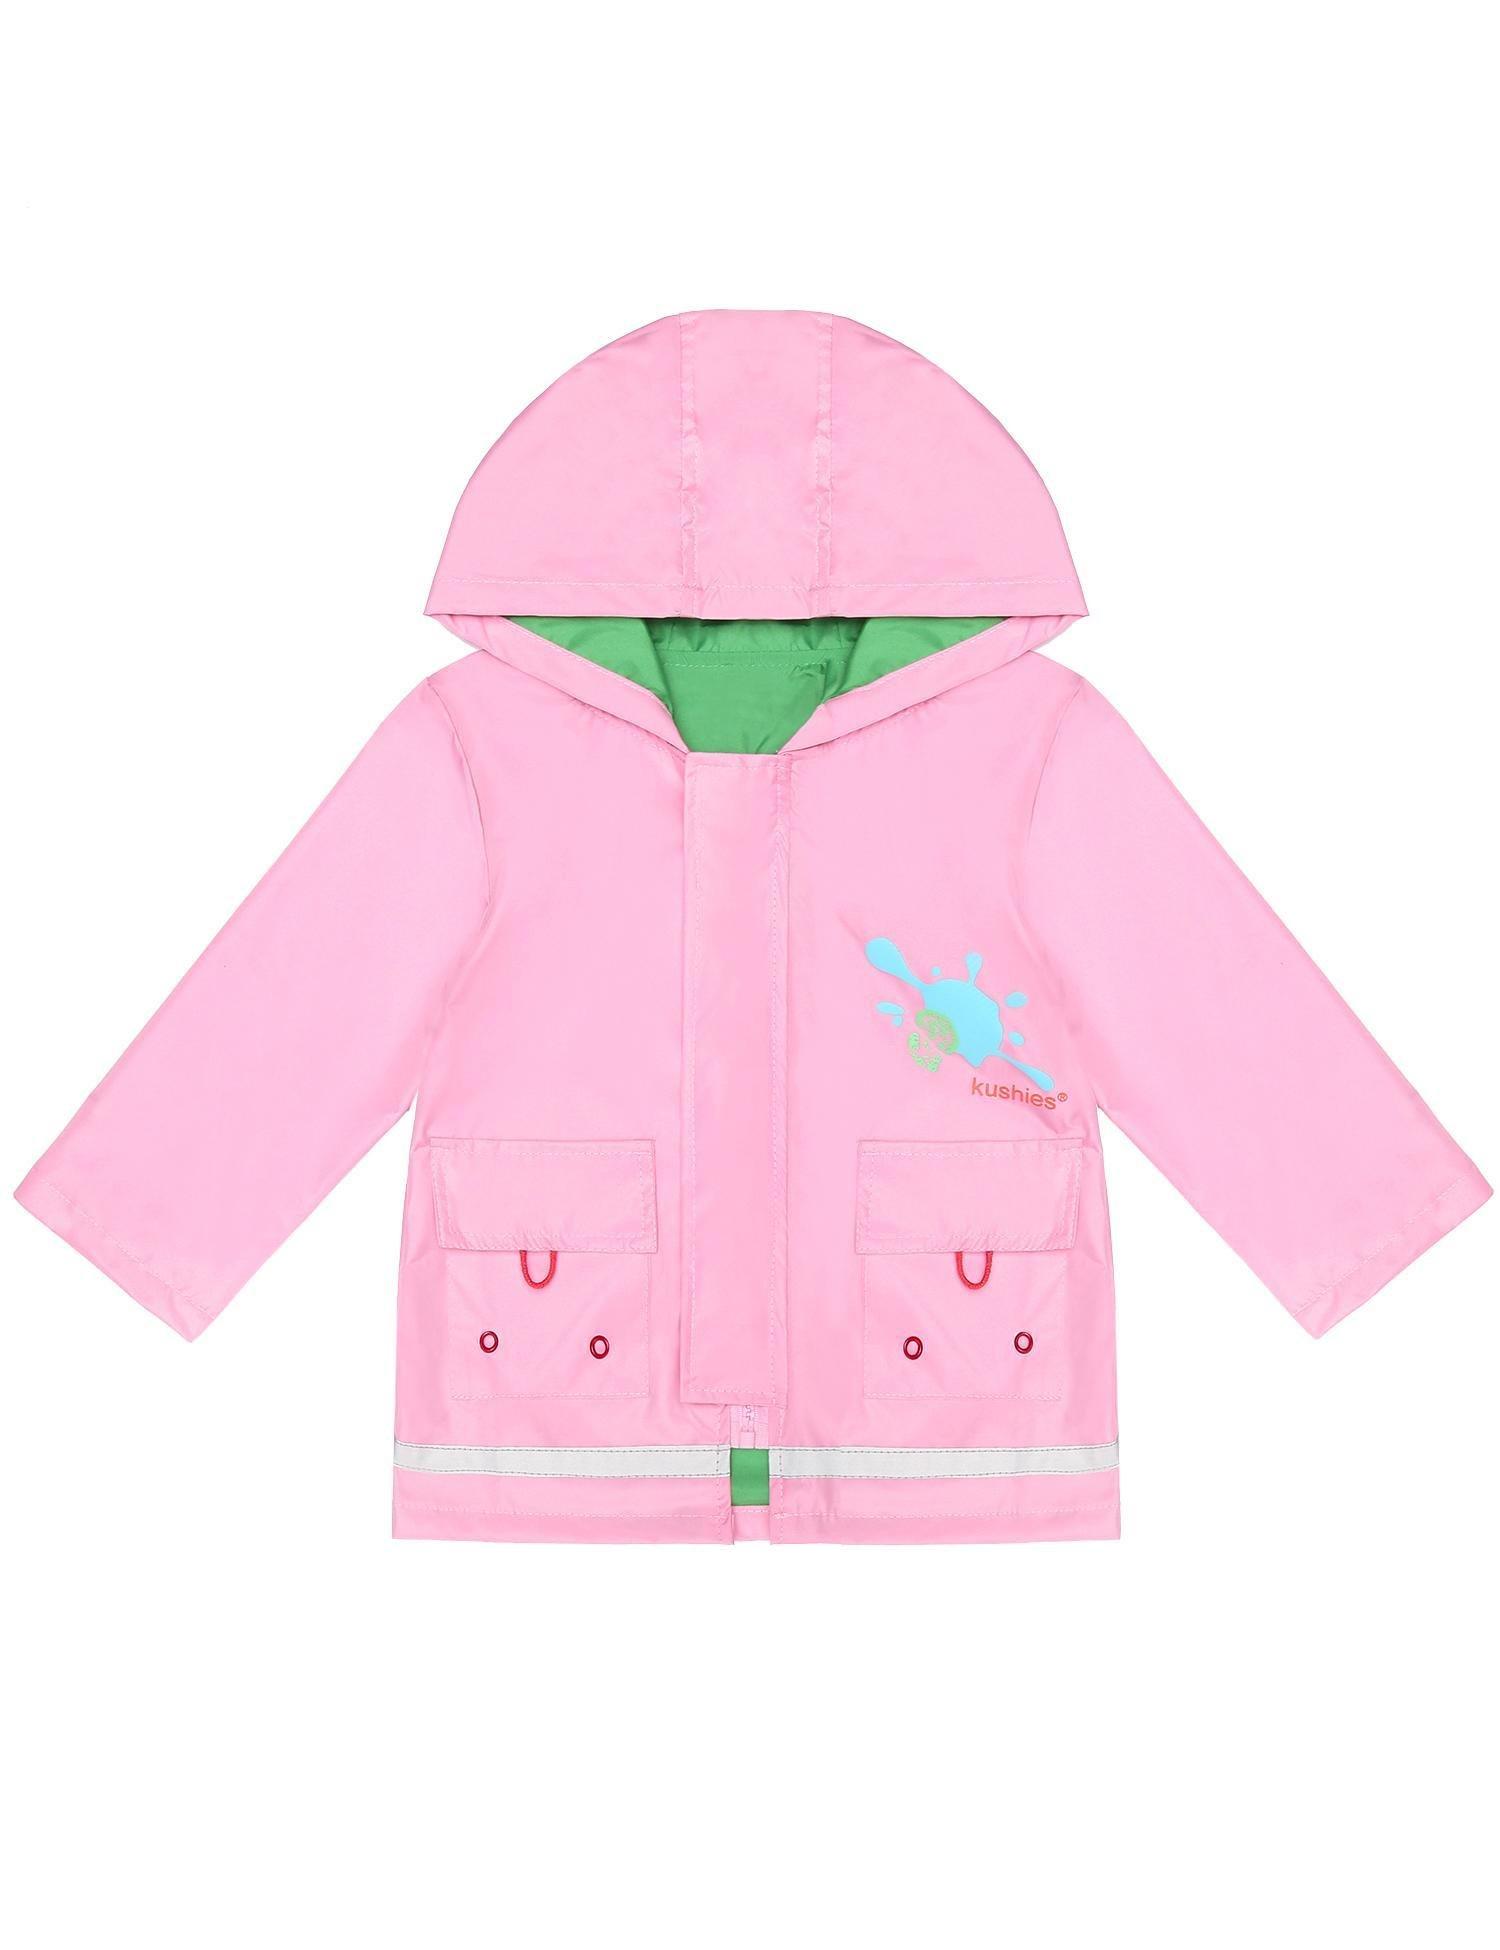 Bifast Cute Kids Girls Raincoat Hooded Long Sleeve Waterproof Raincoat Jacket Outwear Tops